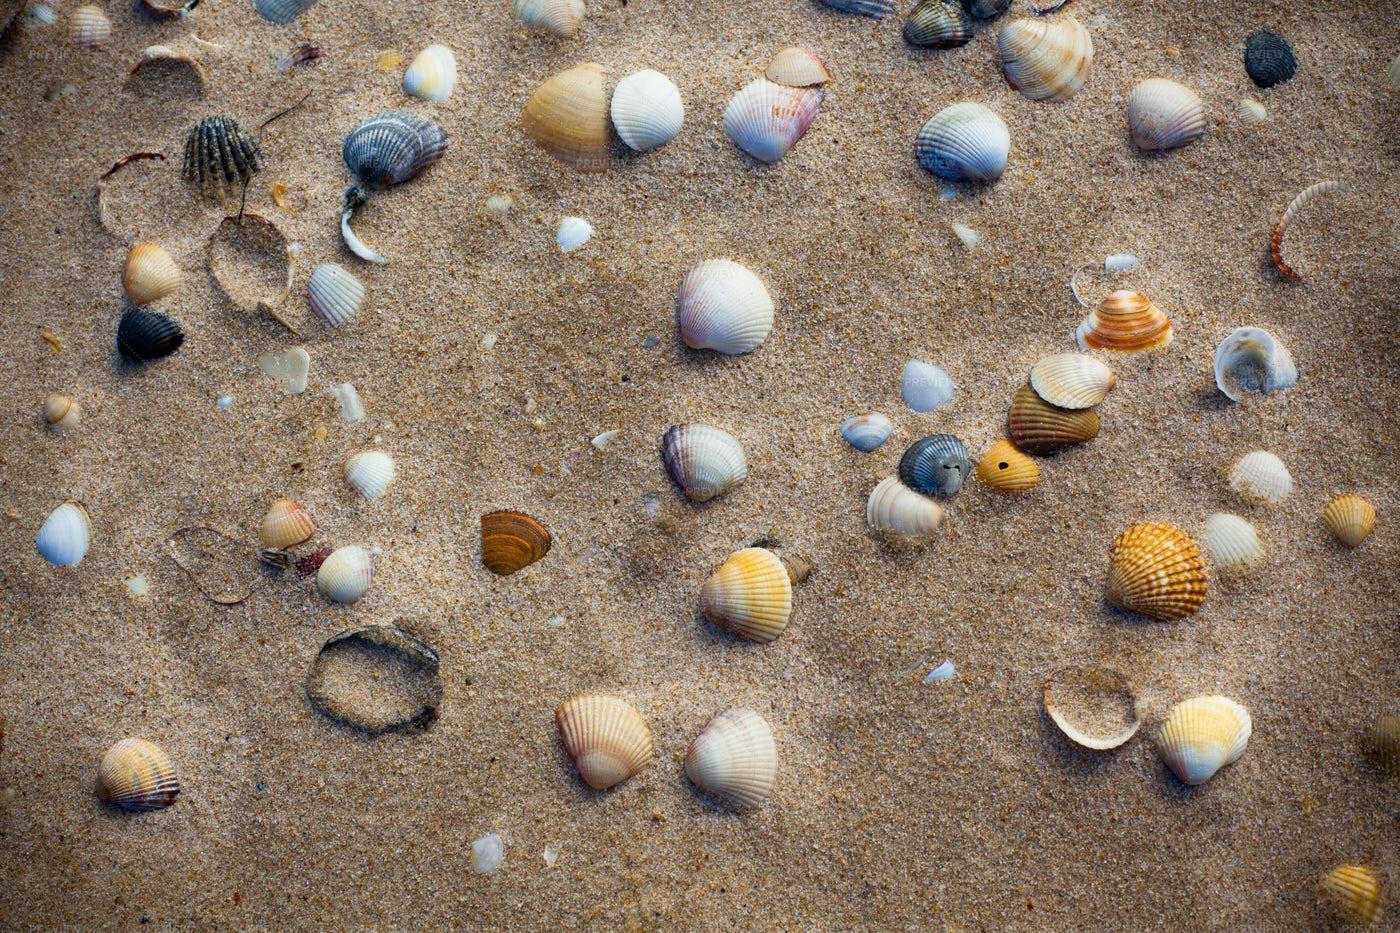 Beach Sand With Seashells: Stock Photos